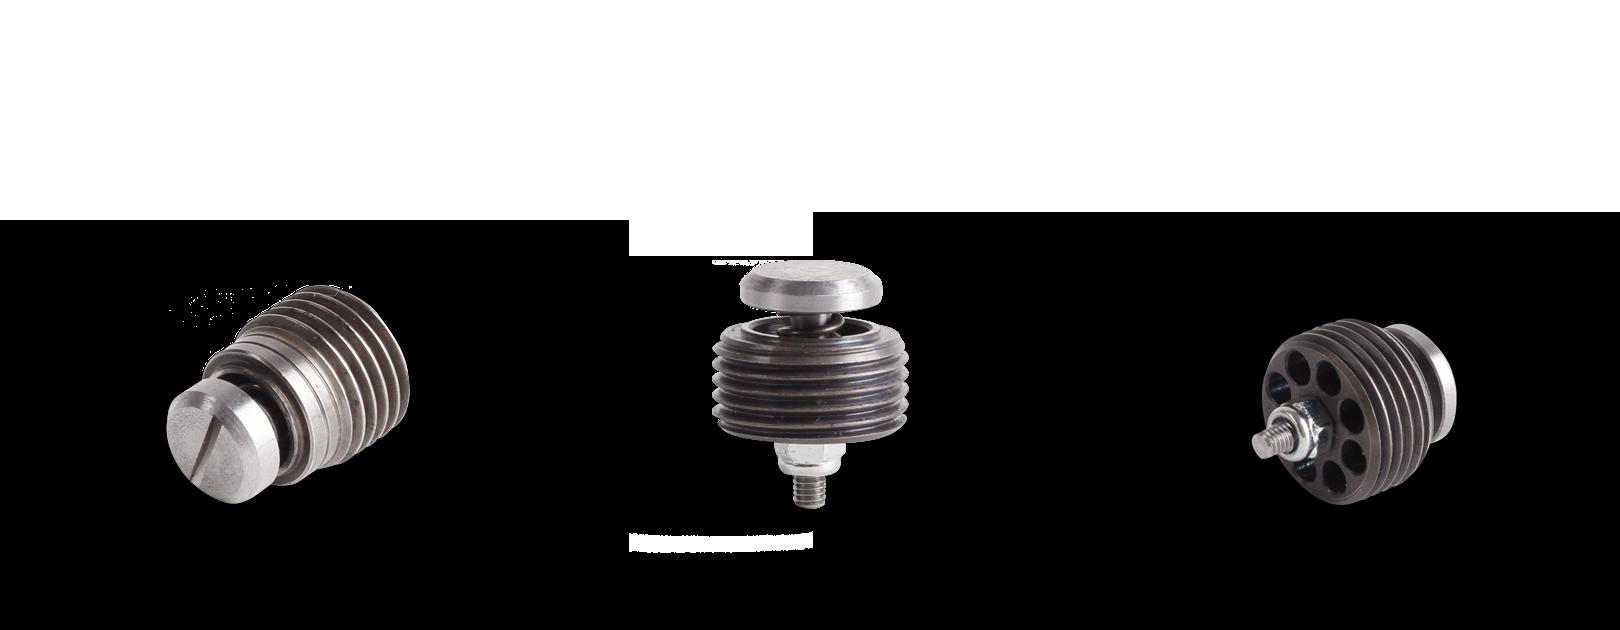 Zur Absicherung von unter Last stehender Verbraucher wie Hydraulikzylinder dient die Rohrbruchsicherung (Einschraub-Strom-Begrenzungsventil)